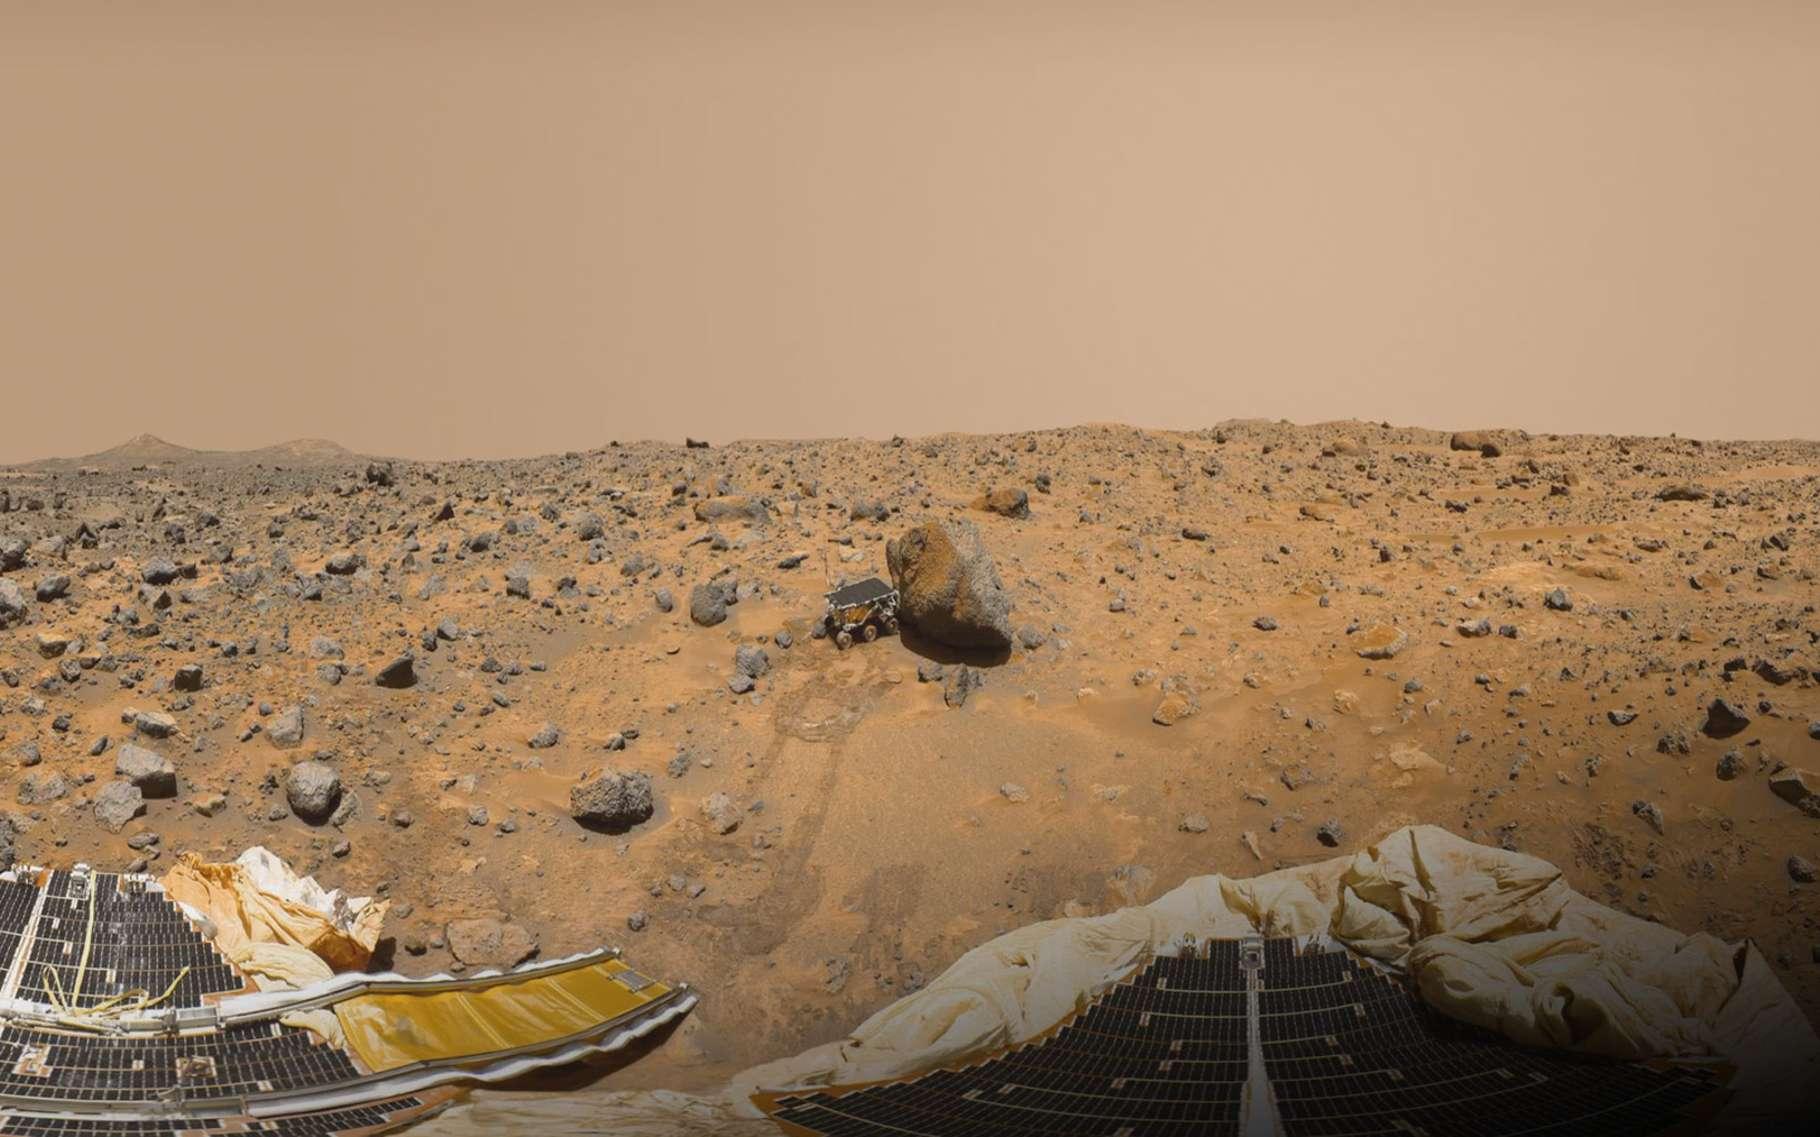 Sojourner, de la mission Pathfinder, est le premier rover à avoir foulé le sol martien, en 1997. © Nasa